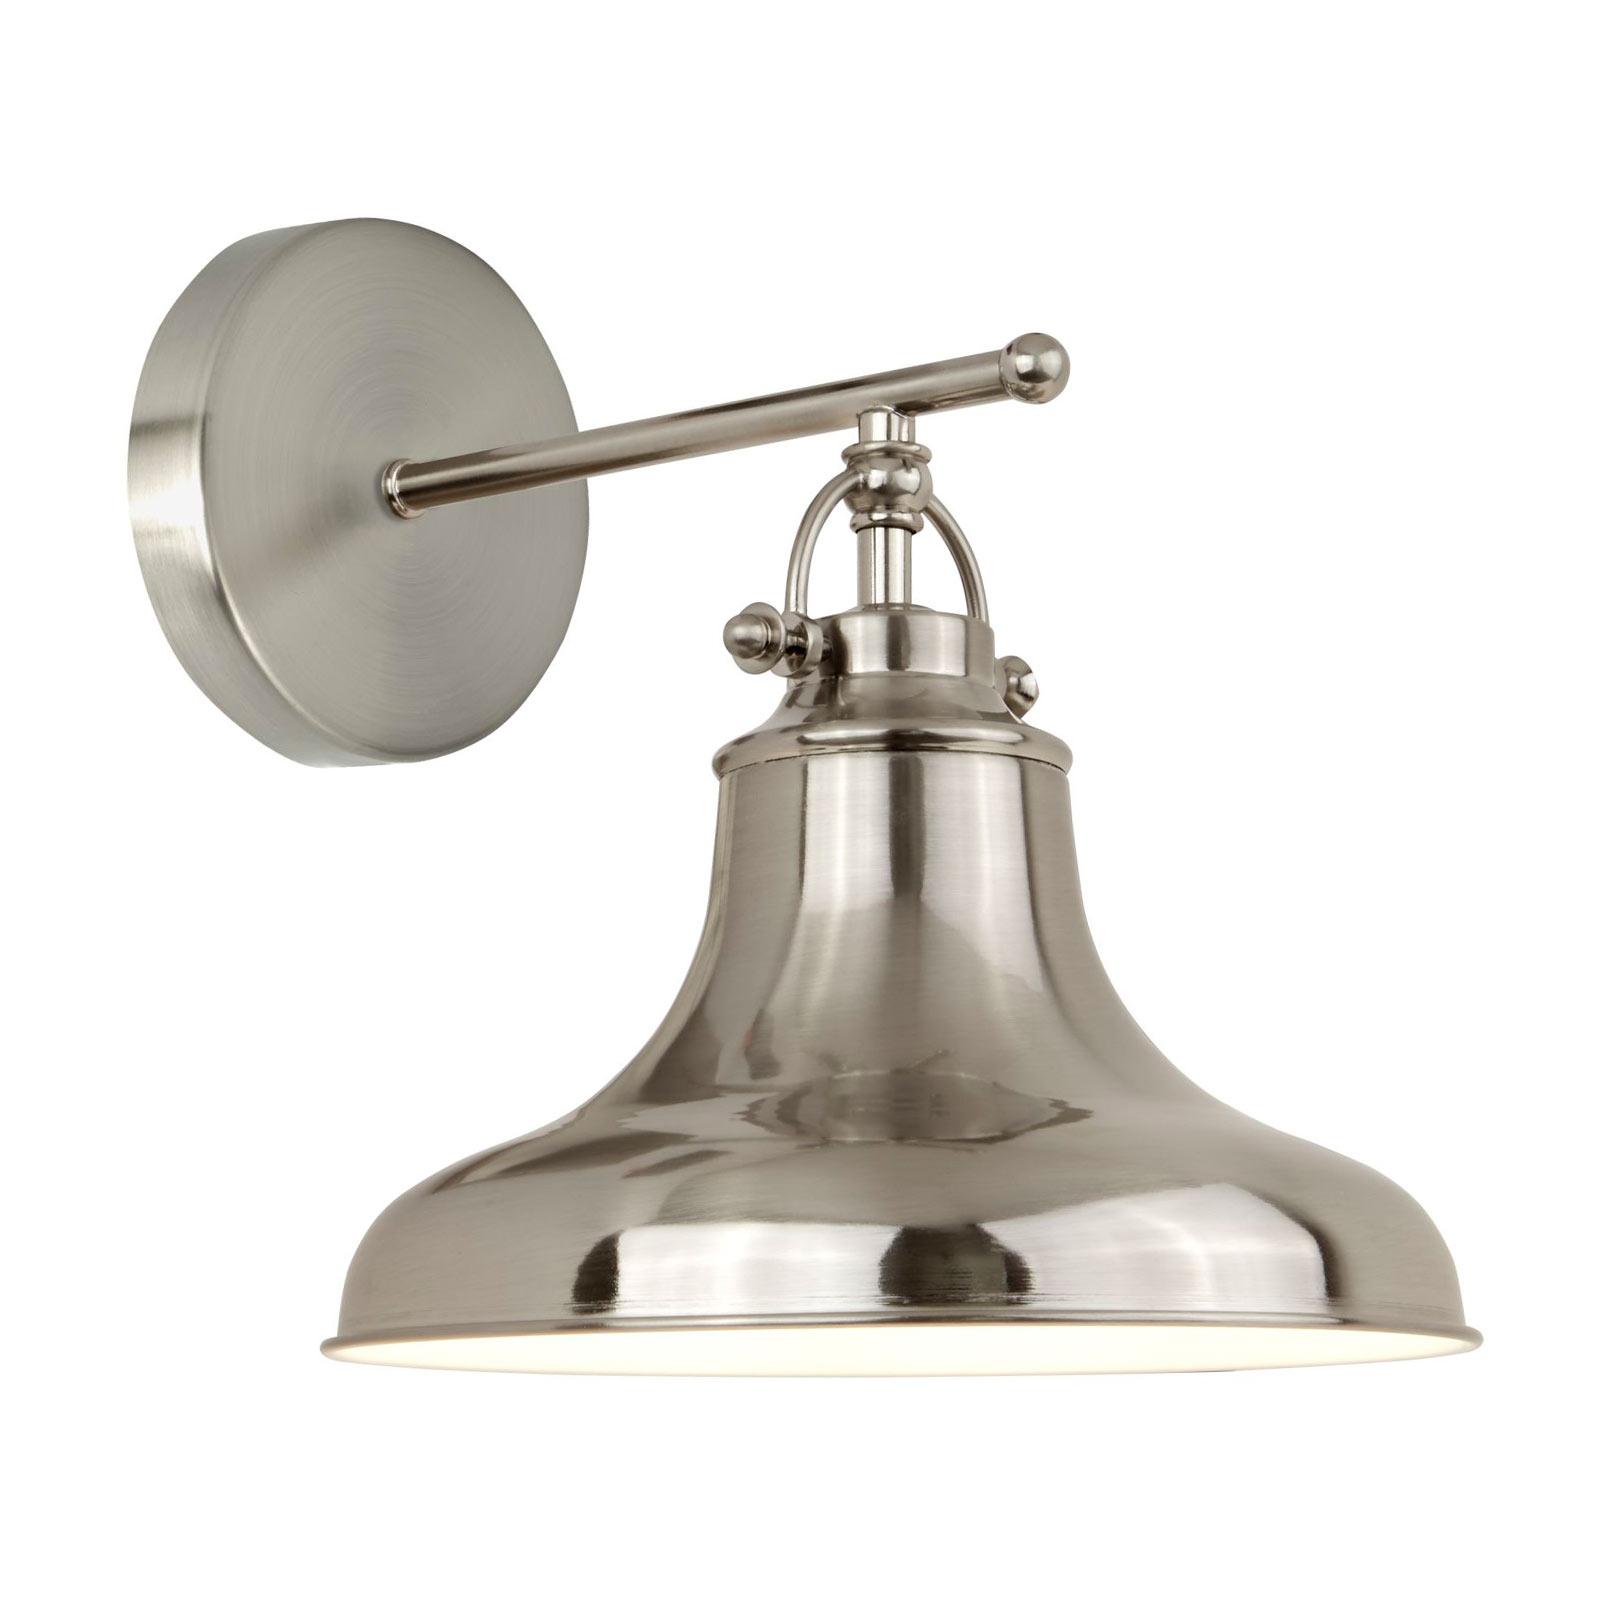 Wandlamp Dallas in industriële look, zilver